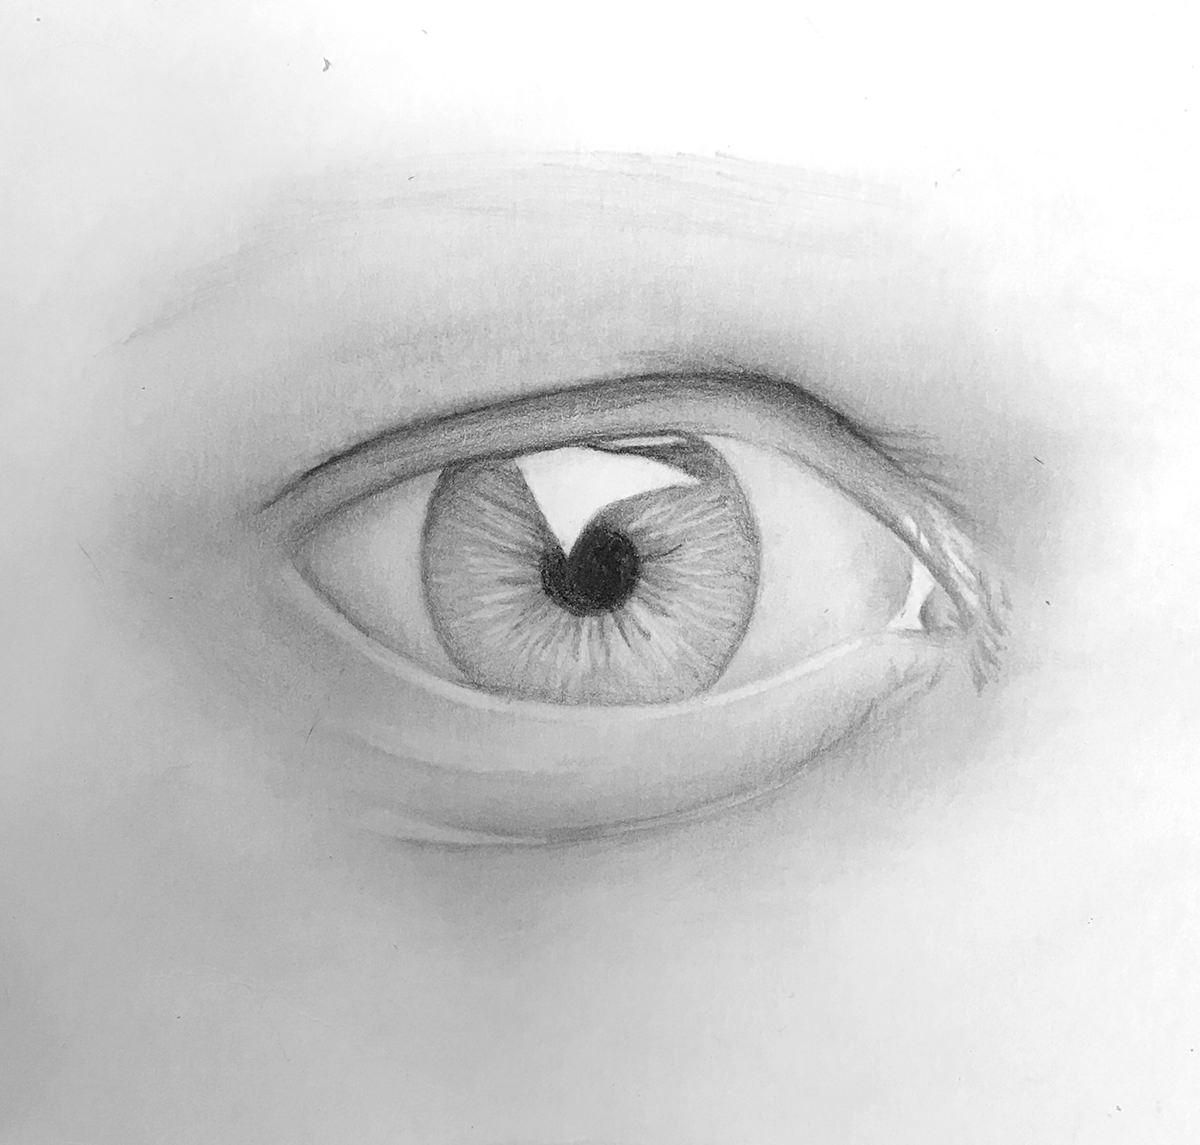 draw-a-realistic-eye-step-06-add-texture.jpg